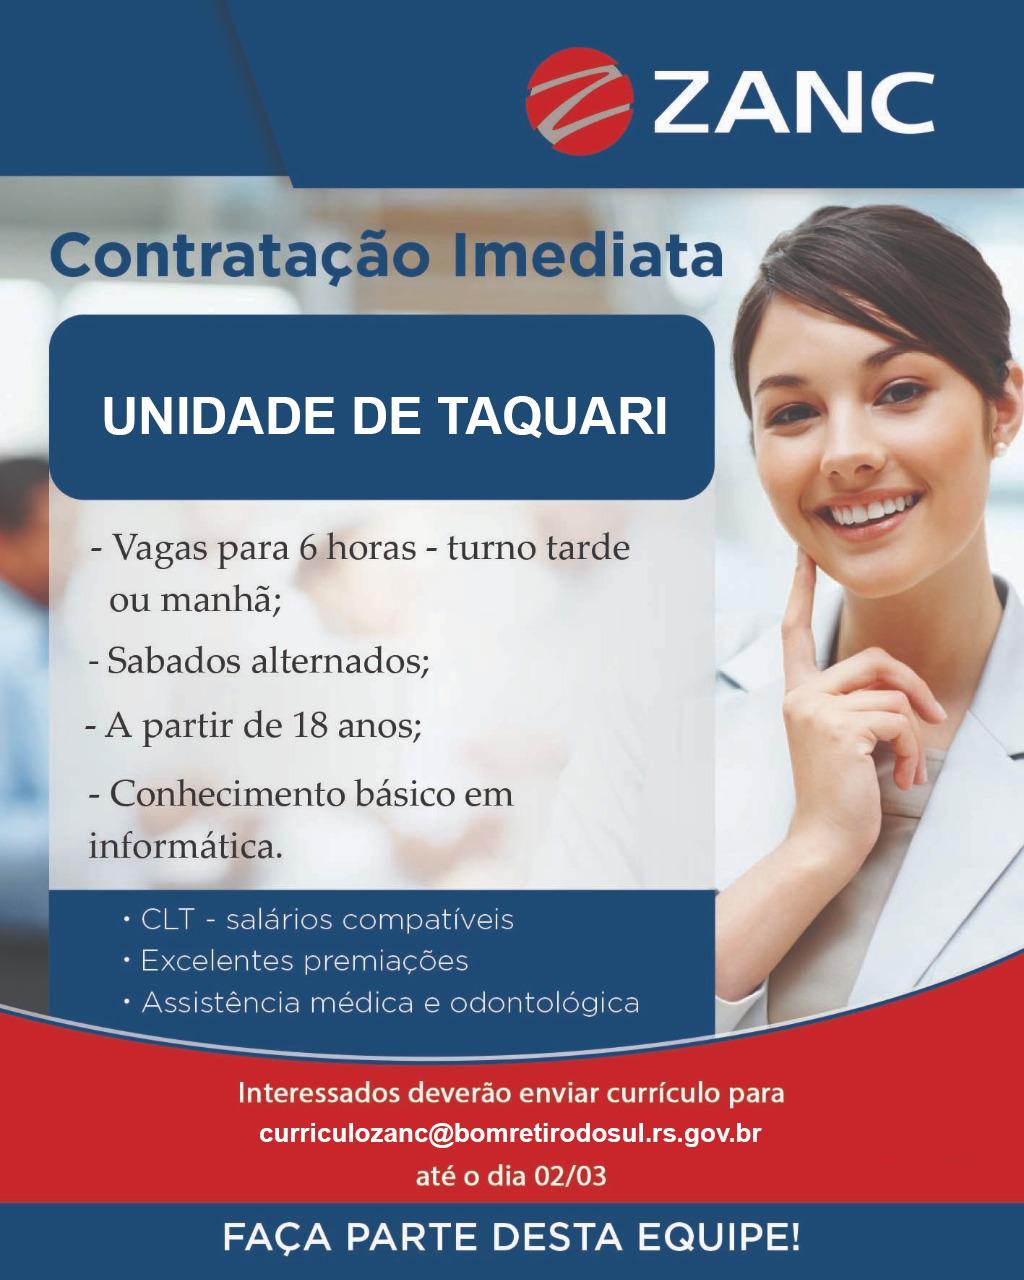 Zanc oferece 80 vagas de trabalho para moradores de Bom Retiro do Sul